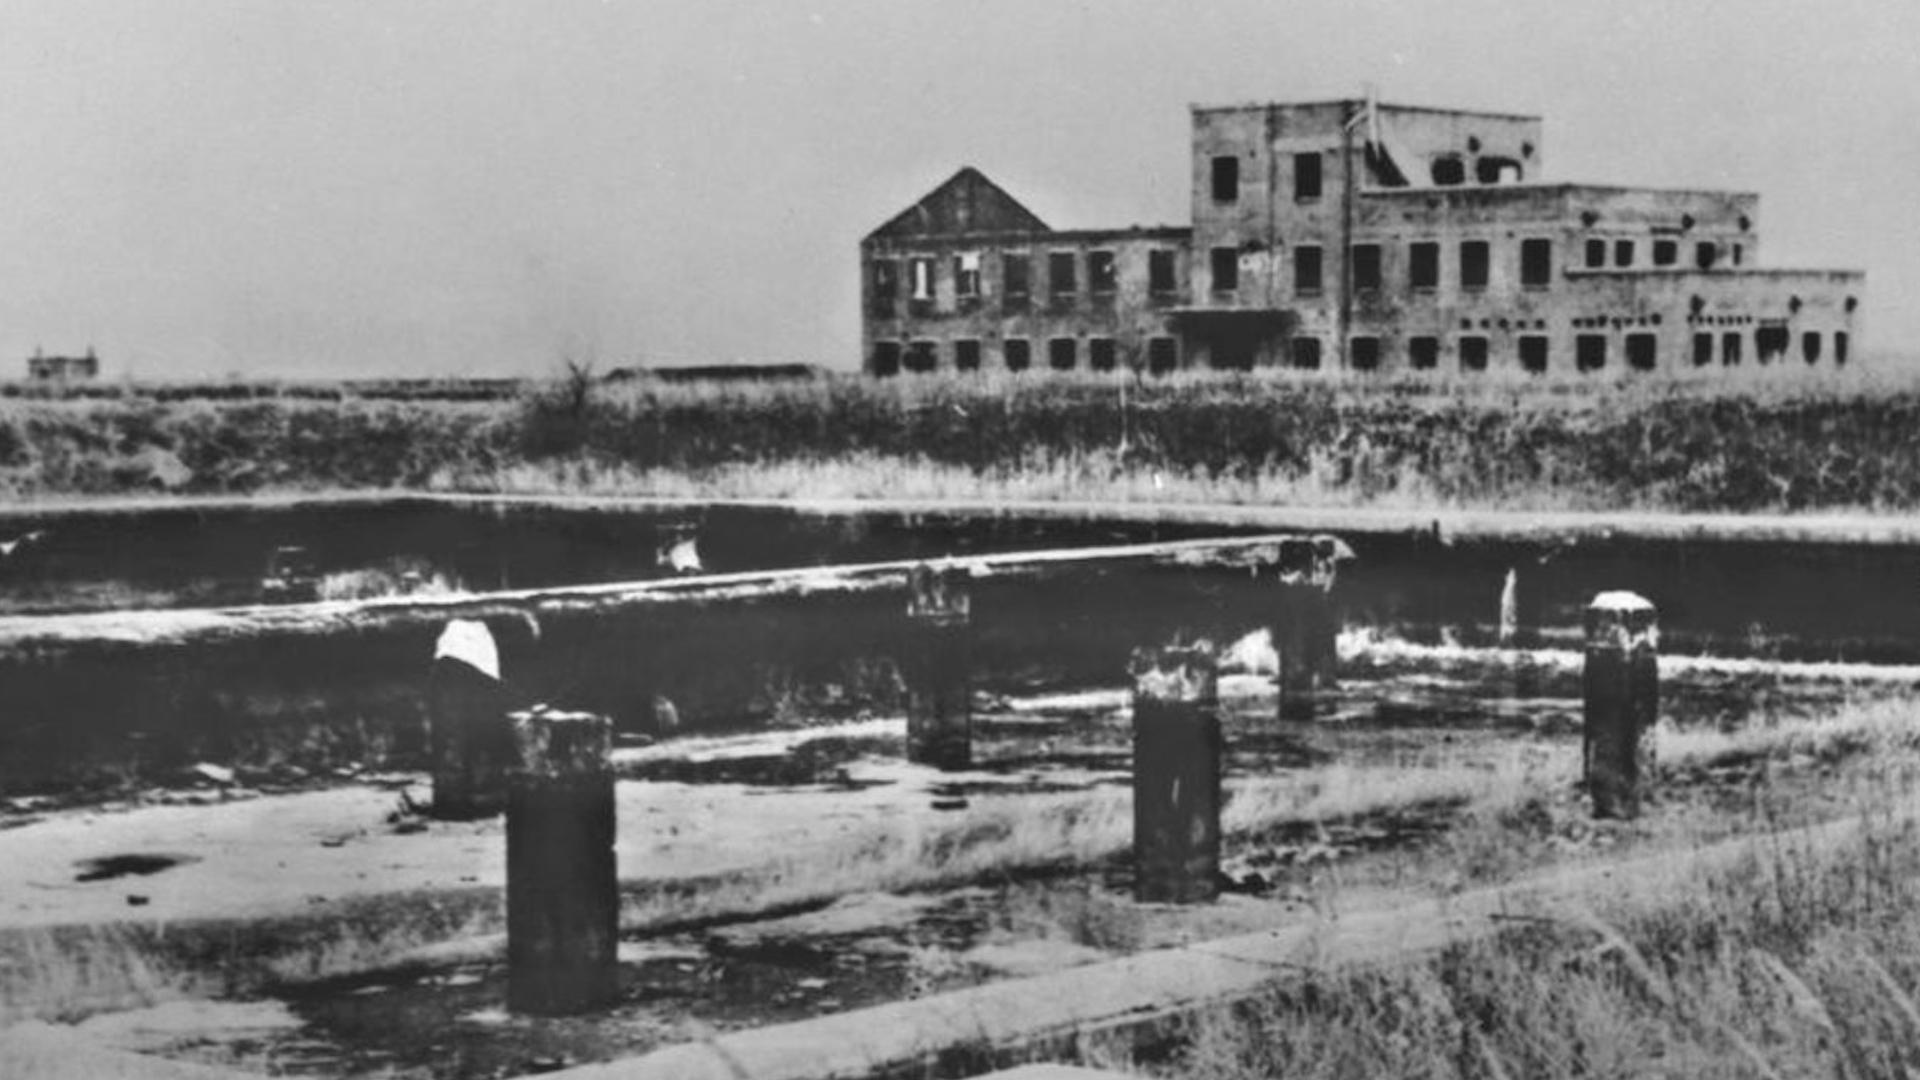 Tajna jednostka 731. Wstrząsające relacje żołnierzy